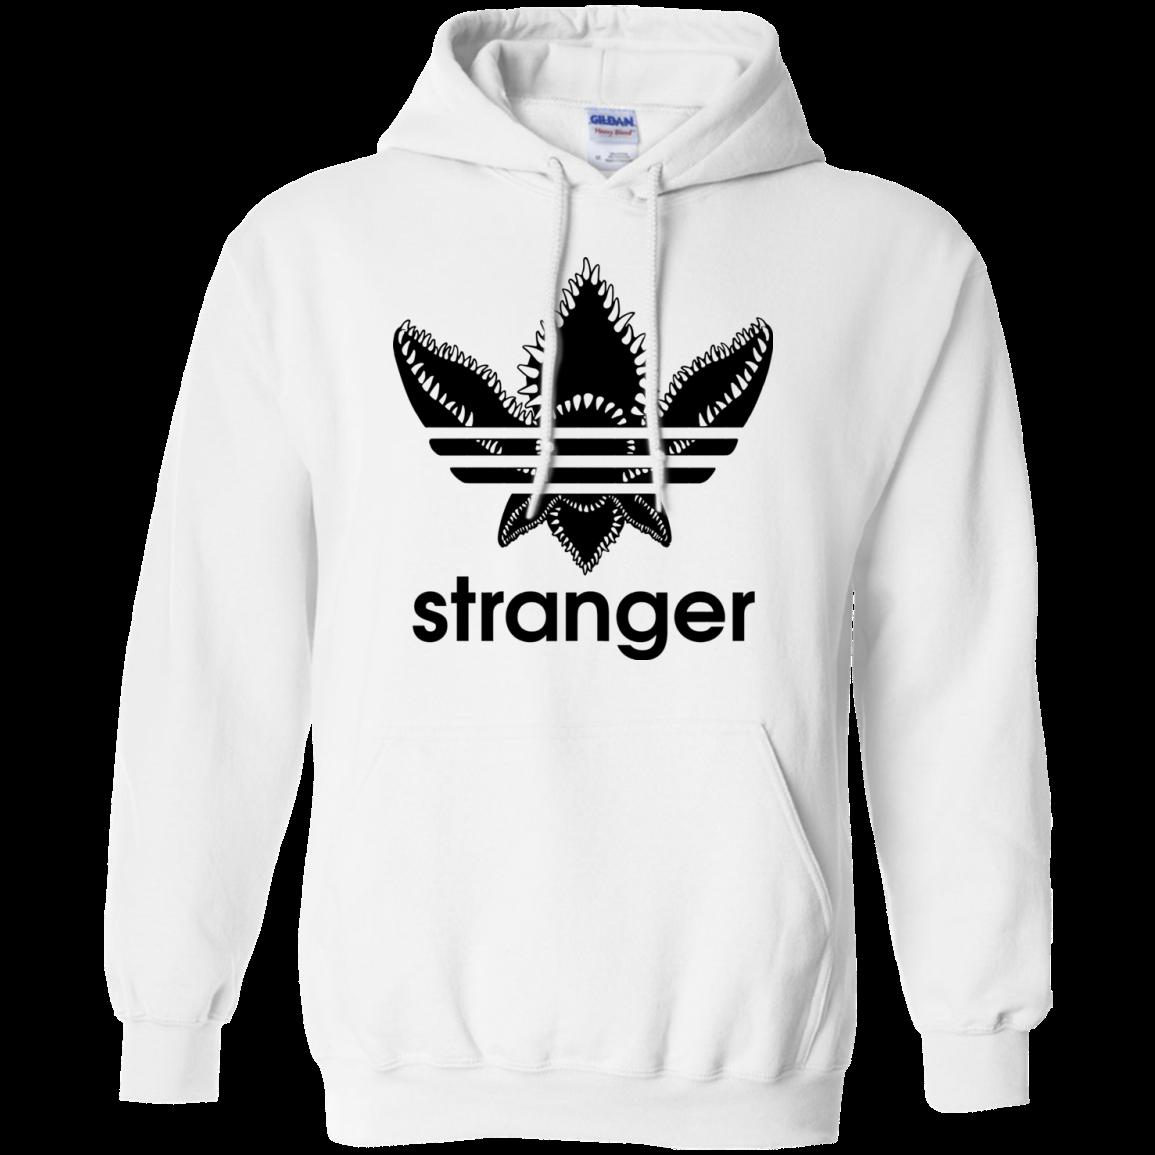 Stranger Things Stranger Demogorgon Adidas Shirt, Hoodie